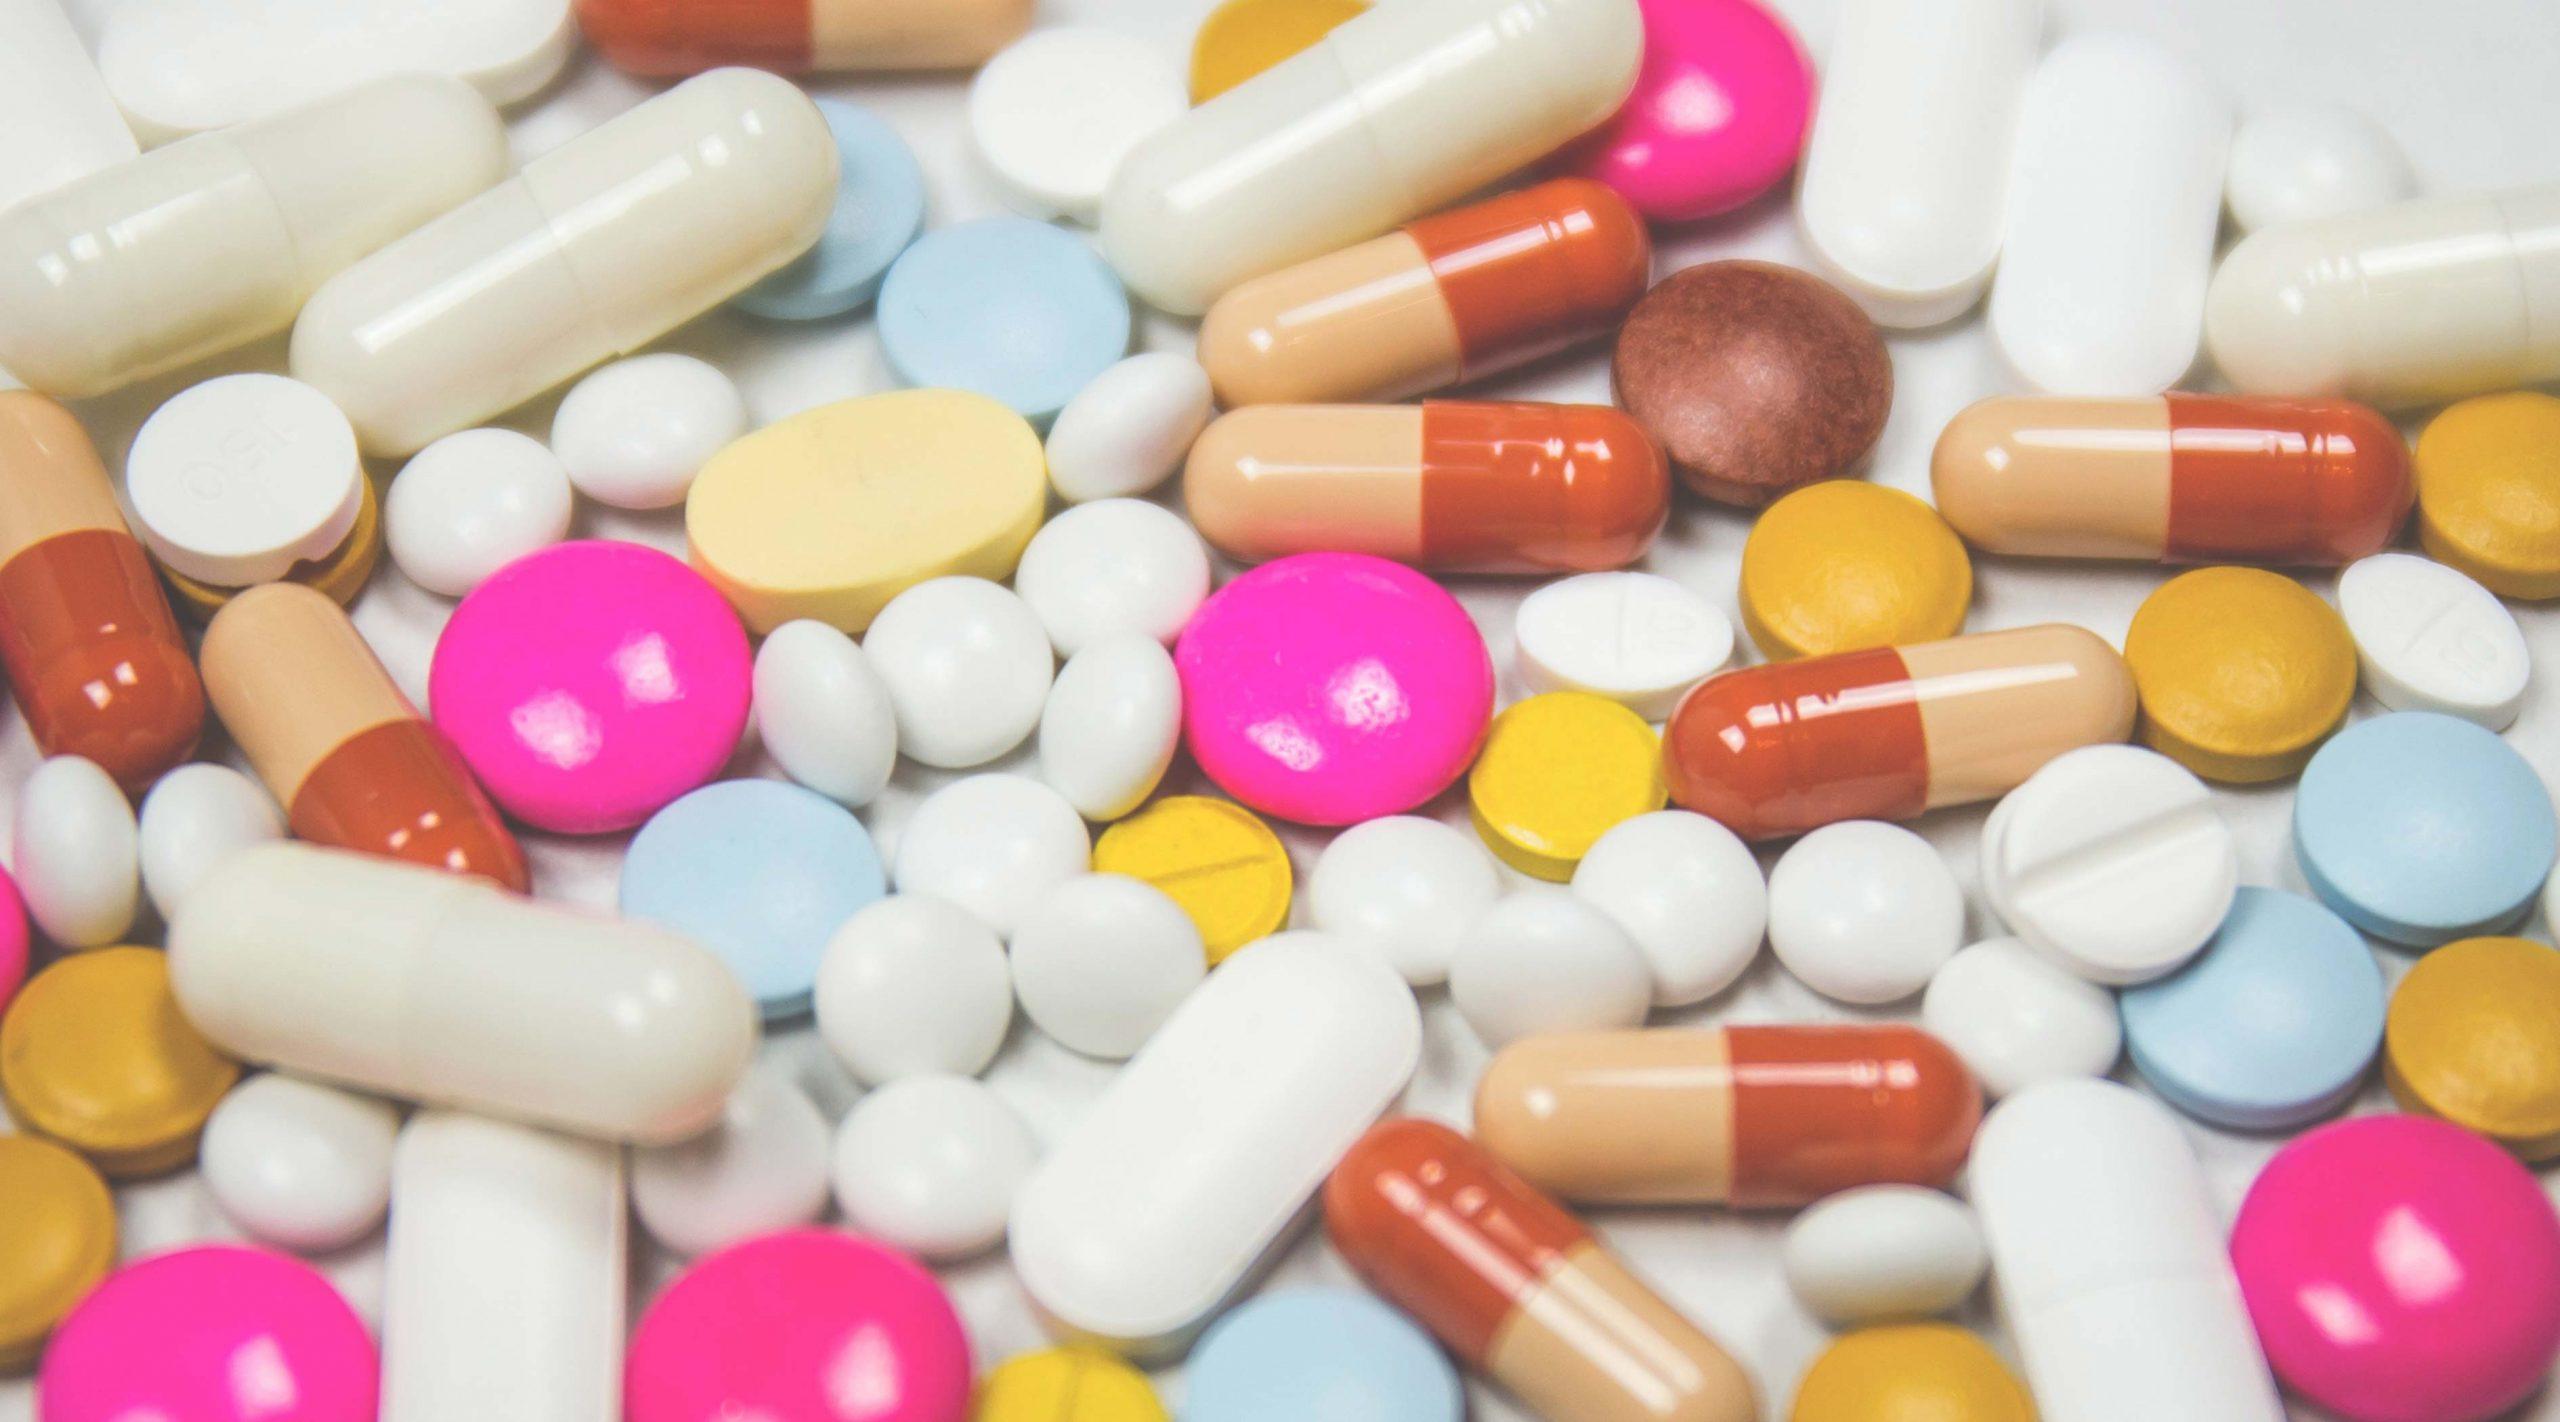 Als ich die Pille absetzte hatte ich mit PCOS zu kämpfen.